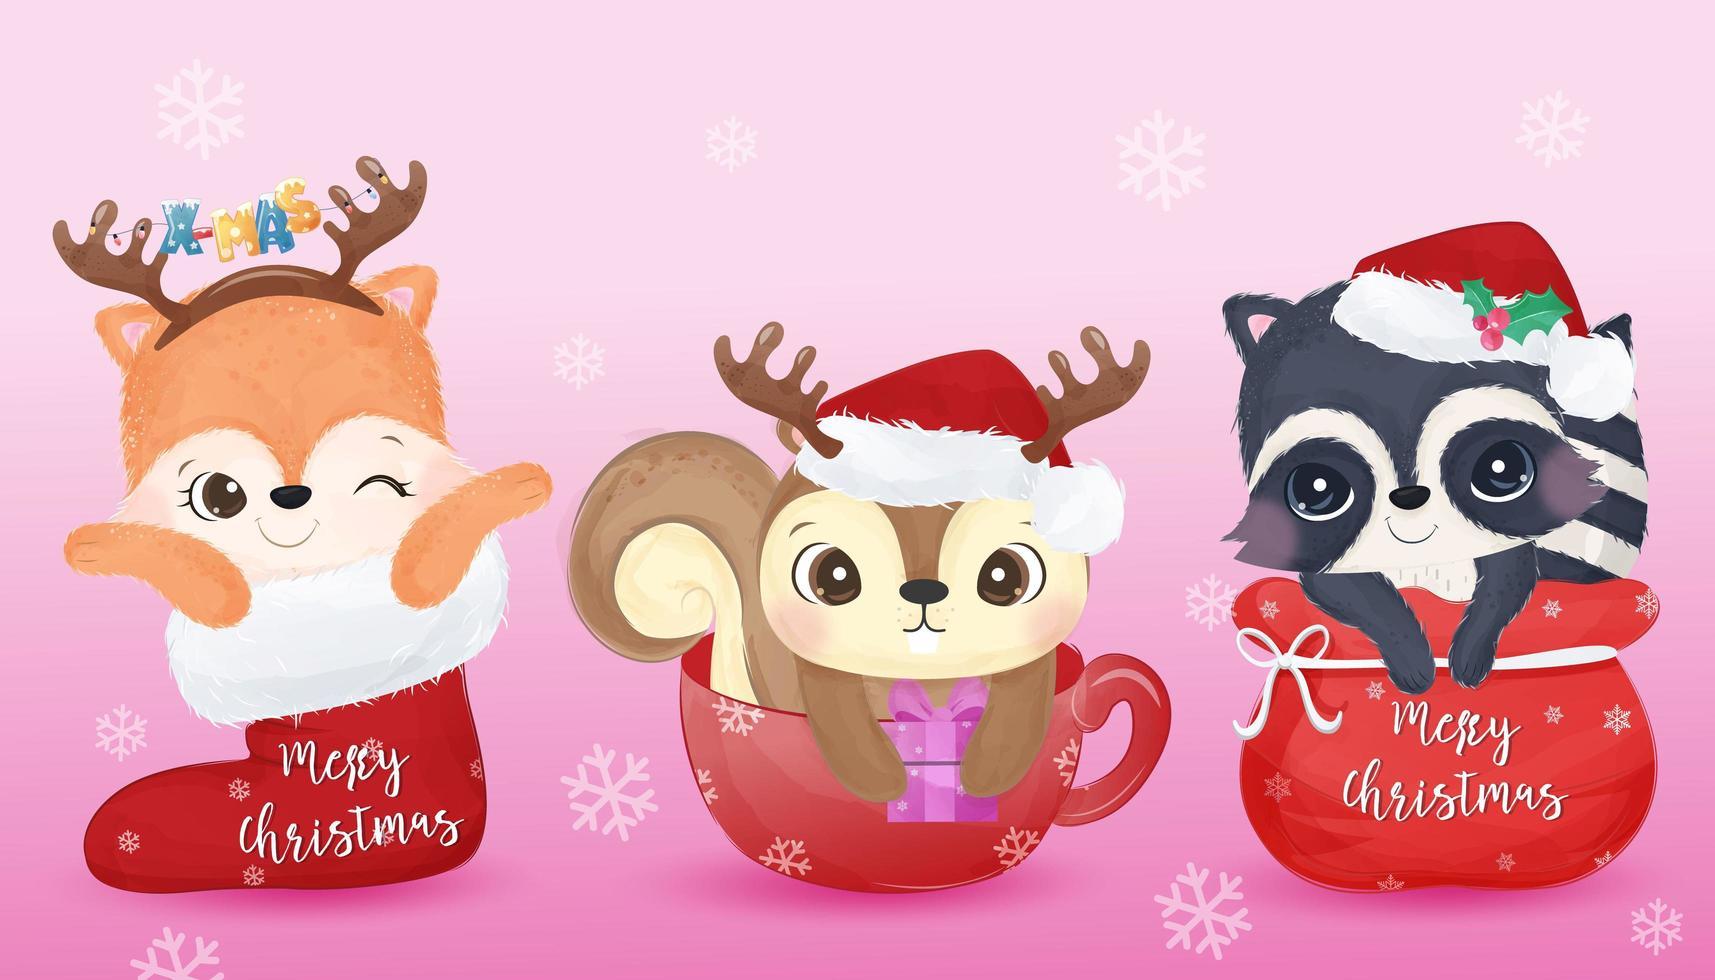 animais fofos para decoração de natal vetor